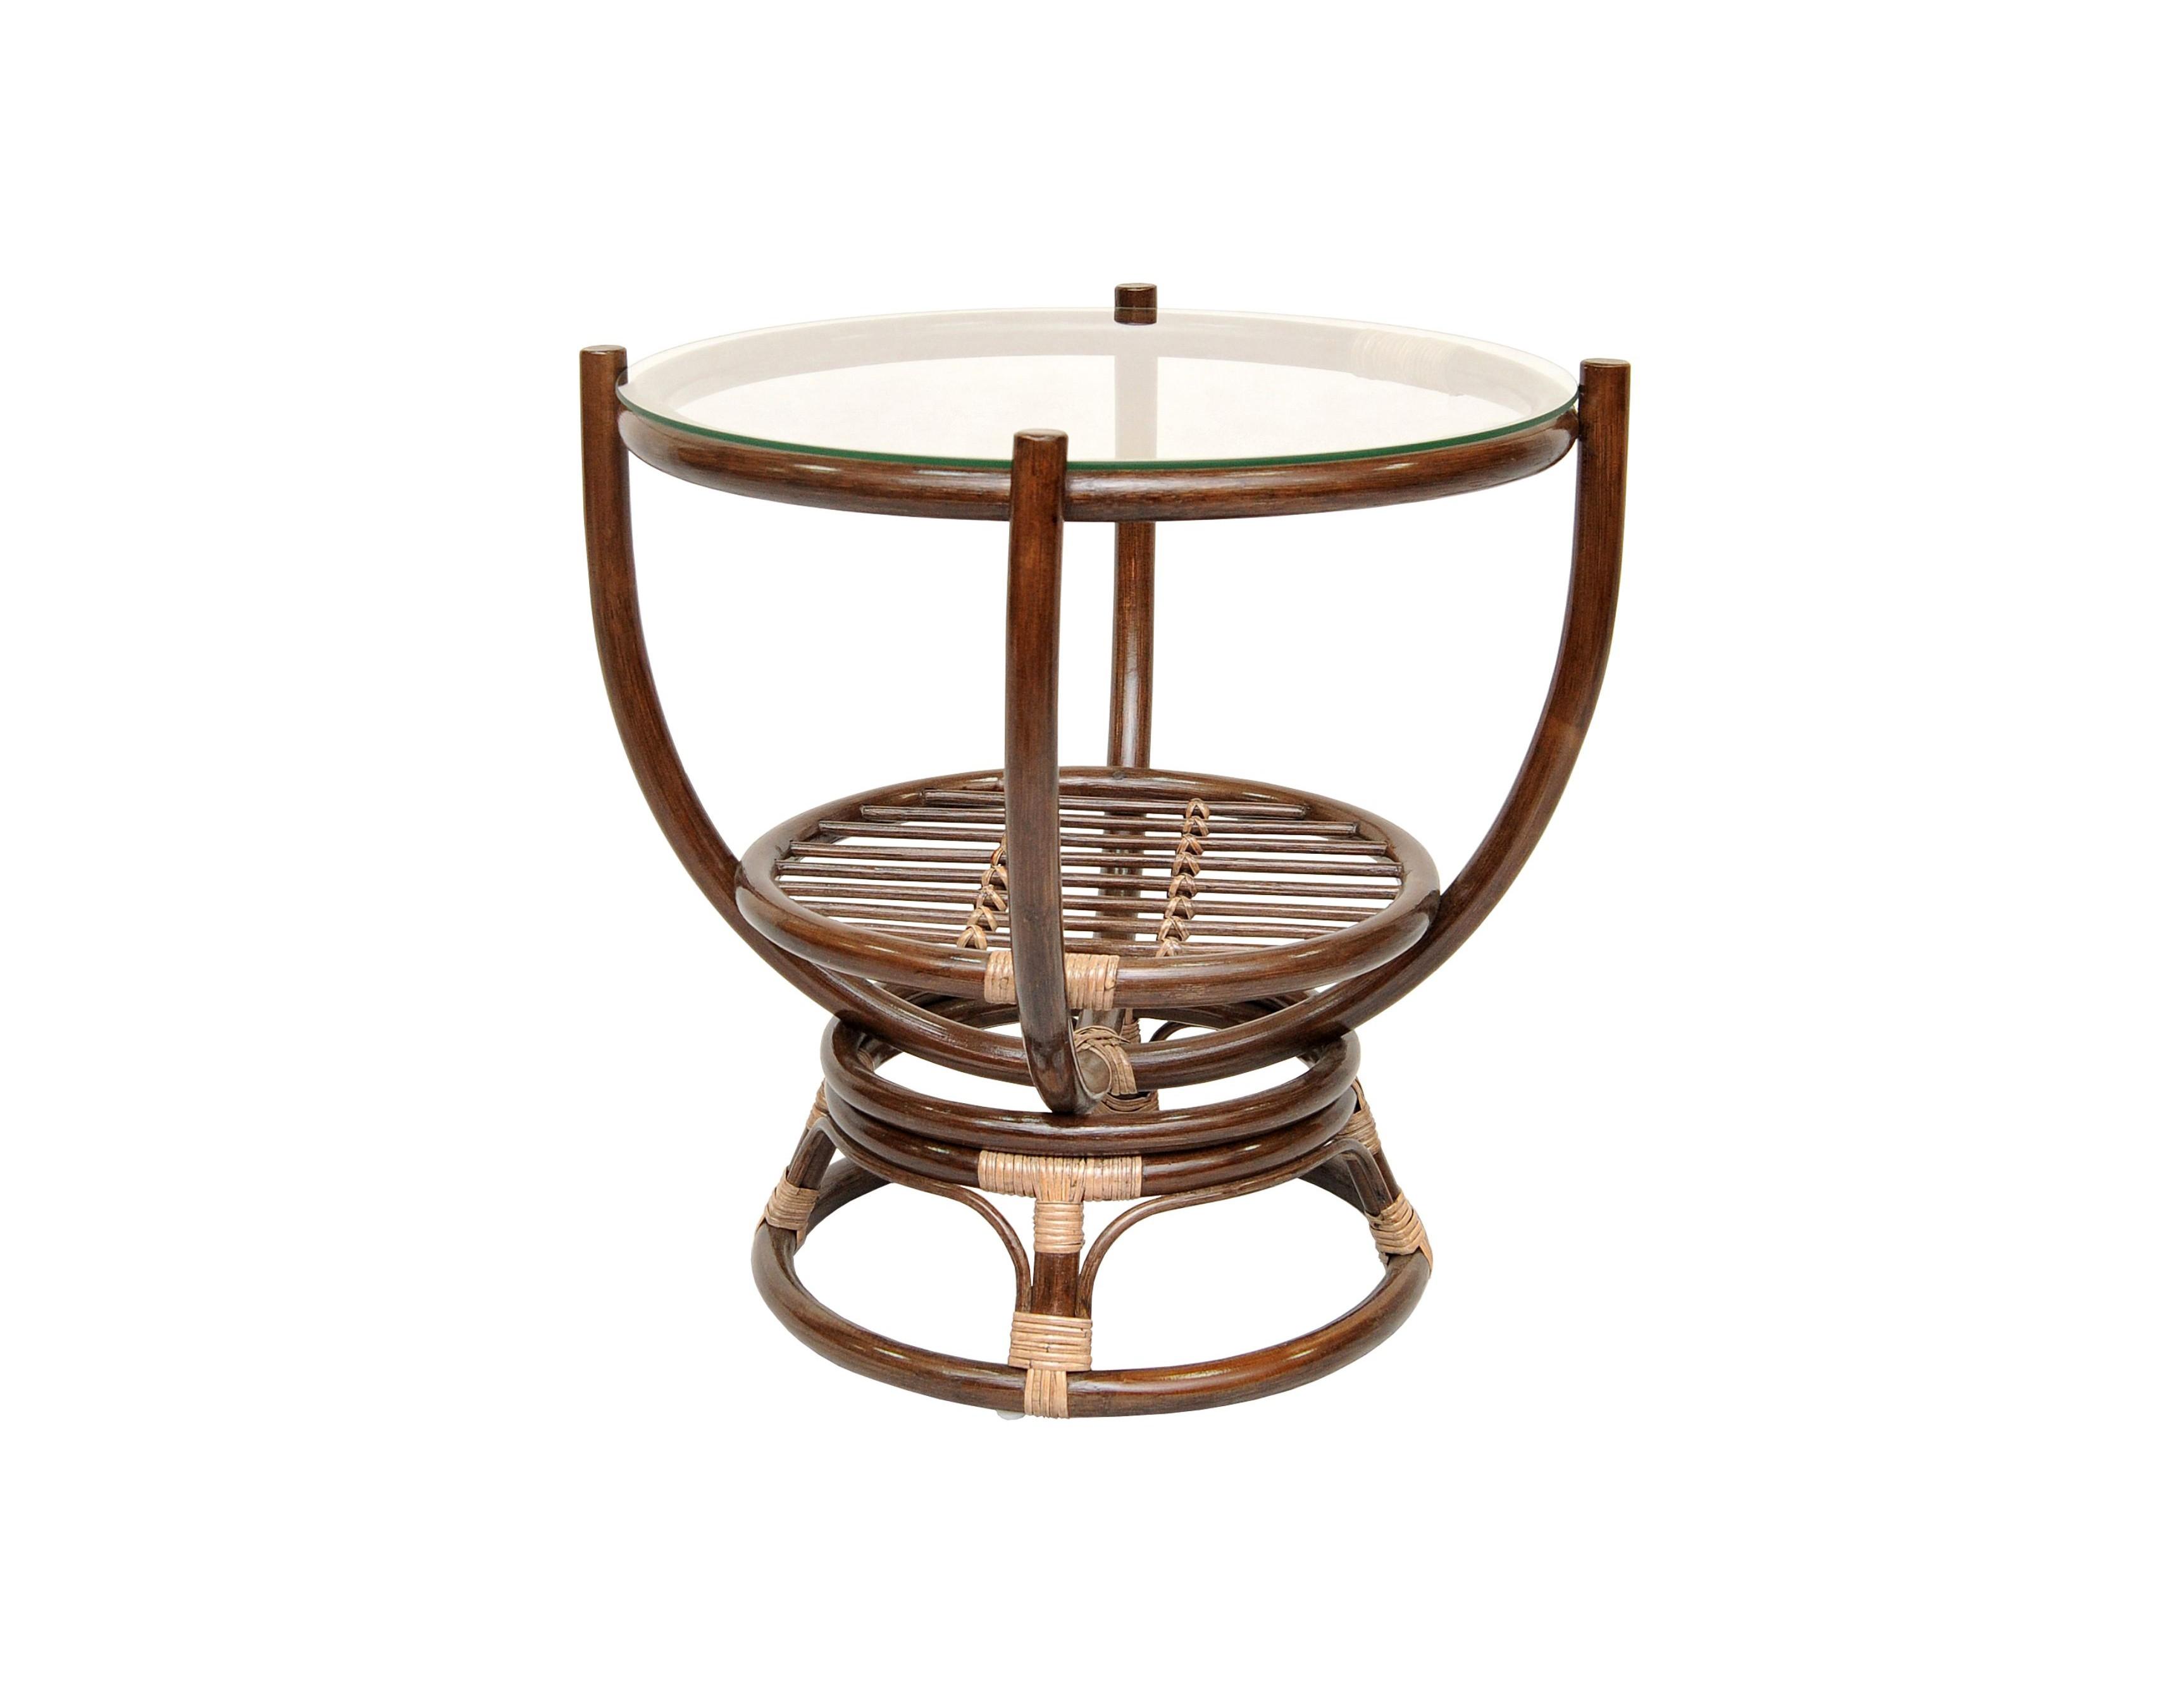 Стол ТеодорСтолы для улицы<br>У этого столика очень неповторимый и оригинальный дизайн, он станет украшением любого интерьера. Ваши друзья и знакомые по достоинству оценят столь приятную и практичную покупку.&amp;lt;div&amp;gt;&amp;amp;nbsp;&amp;lt;/div&amp;gt;&amp;lt;div&amp;gt;Материал: натуральный ротанг&amp;lt;/div&amp;gt;&amp;lt;div&amp;gt;Цвет: коричневый &amp;amp;nbsp;&amp;lt;/div&amp;gt;&amp;lt;div&amp;gt;Вес:   7,5кг&amp;lt;/div&amp;gt;<br><br>Material: Ротанг<br>Height см: 63<br>Diameter см: 66